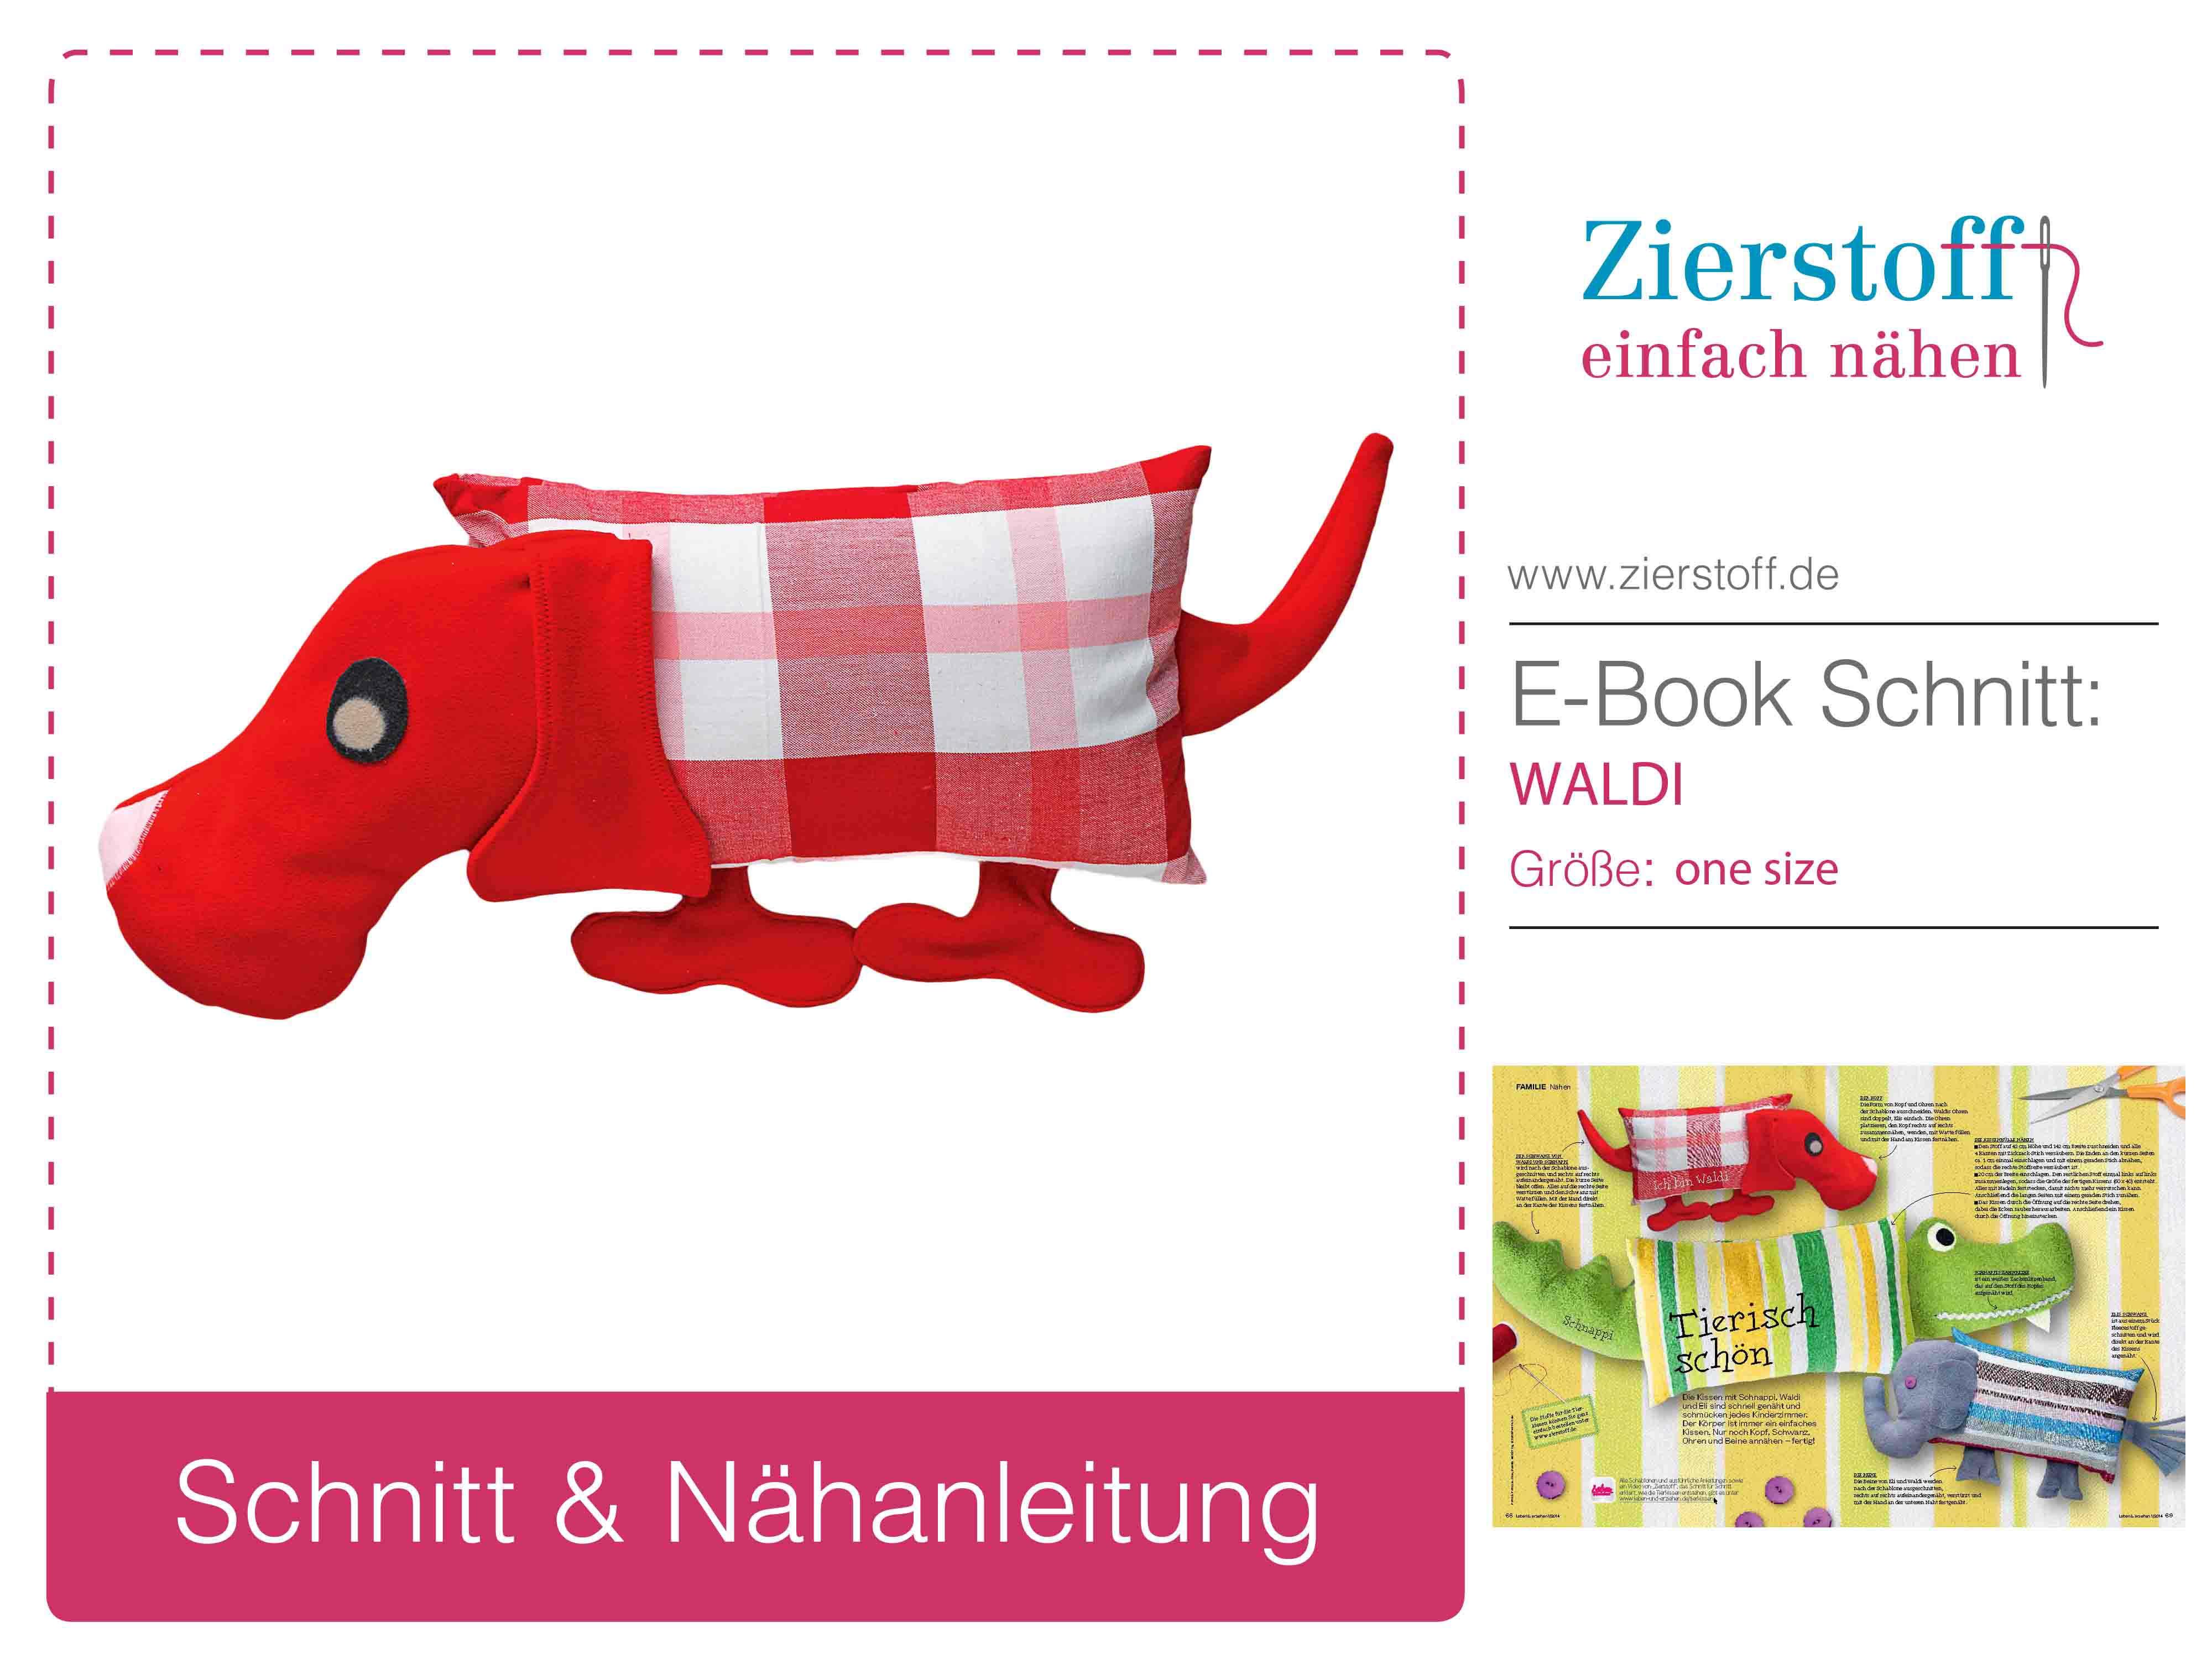 """Gratis Schnittmuster für Tierkissen Hund """"WALDI"""" von Zierstoff"""